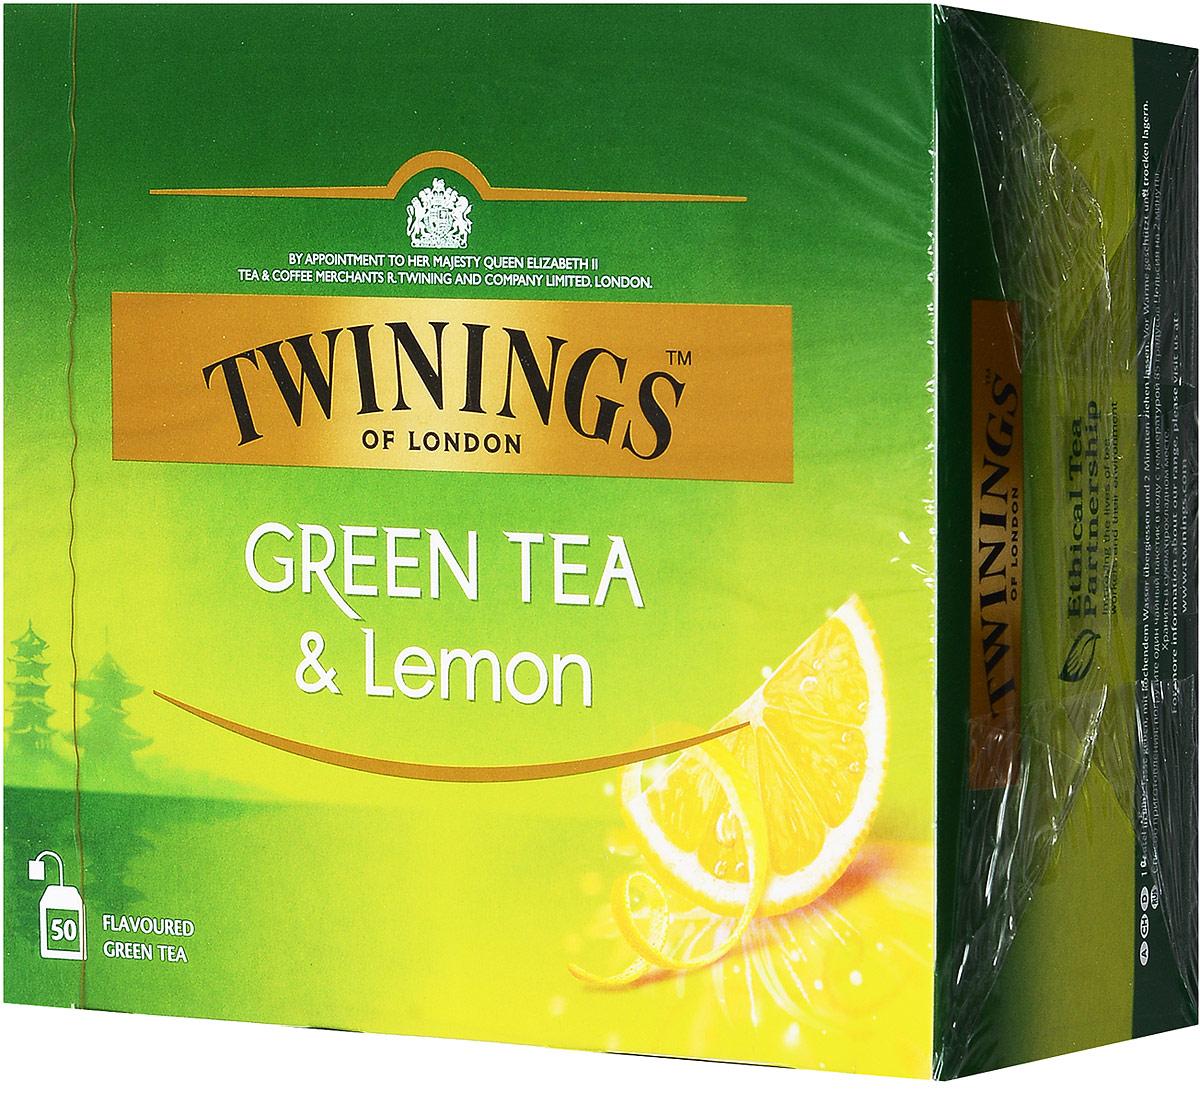 Twinings Green Tea & Lemon зелёный чай с цедрой лимона в пакетиках, 50 шт02288Twinings Green Tea & Lemon - уникальная смесь зеленого чая с добавлением лимонной цедры. Неповторимый вкус этого чая не оставит никого равнодушным.